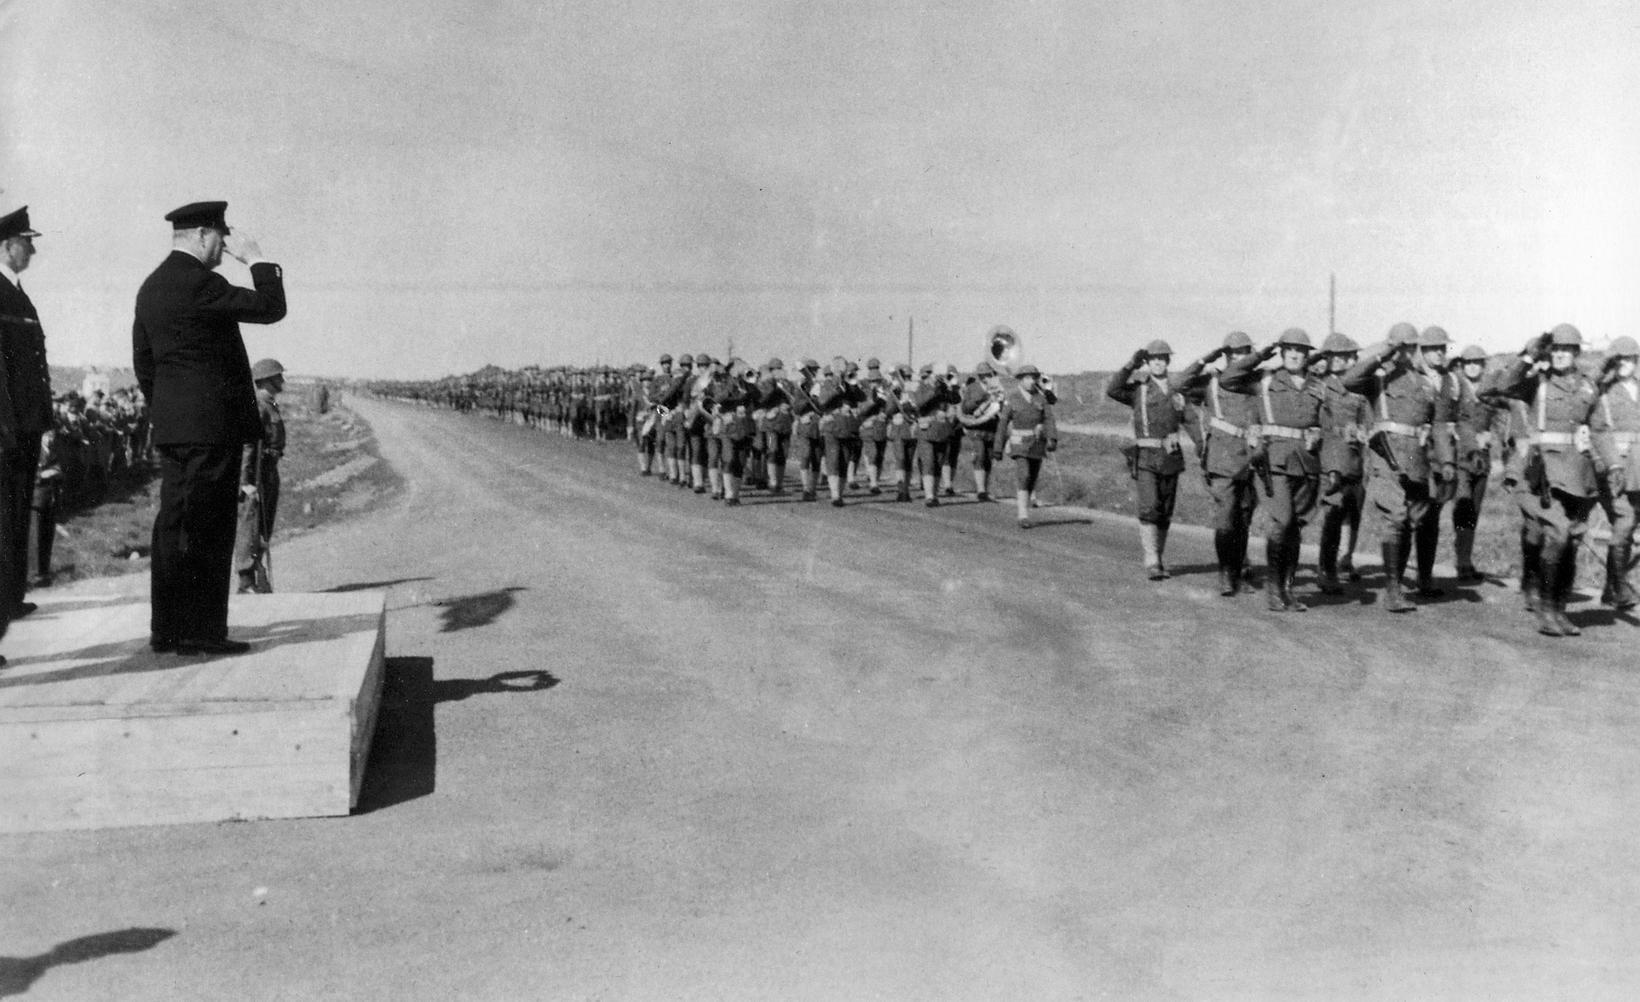 Military parade on Suðurlandsbraut road.